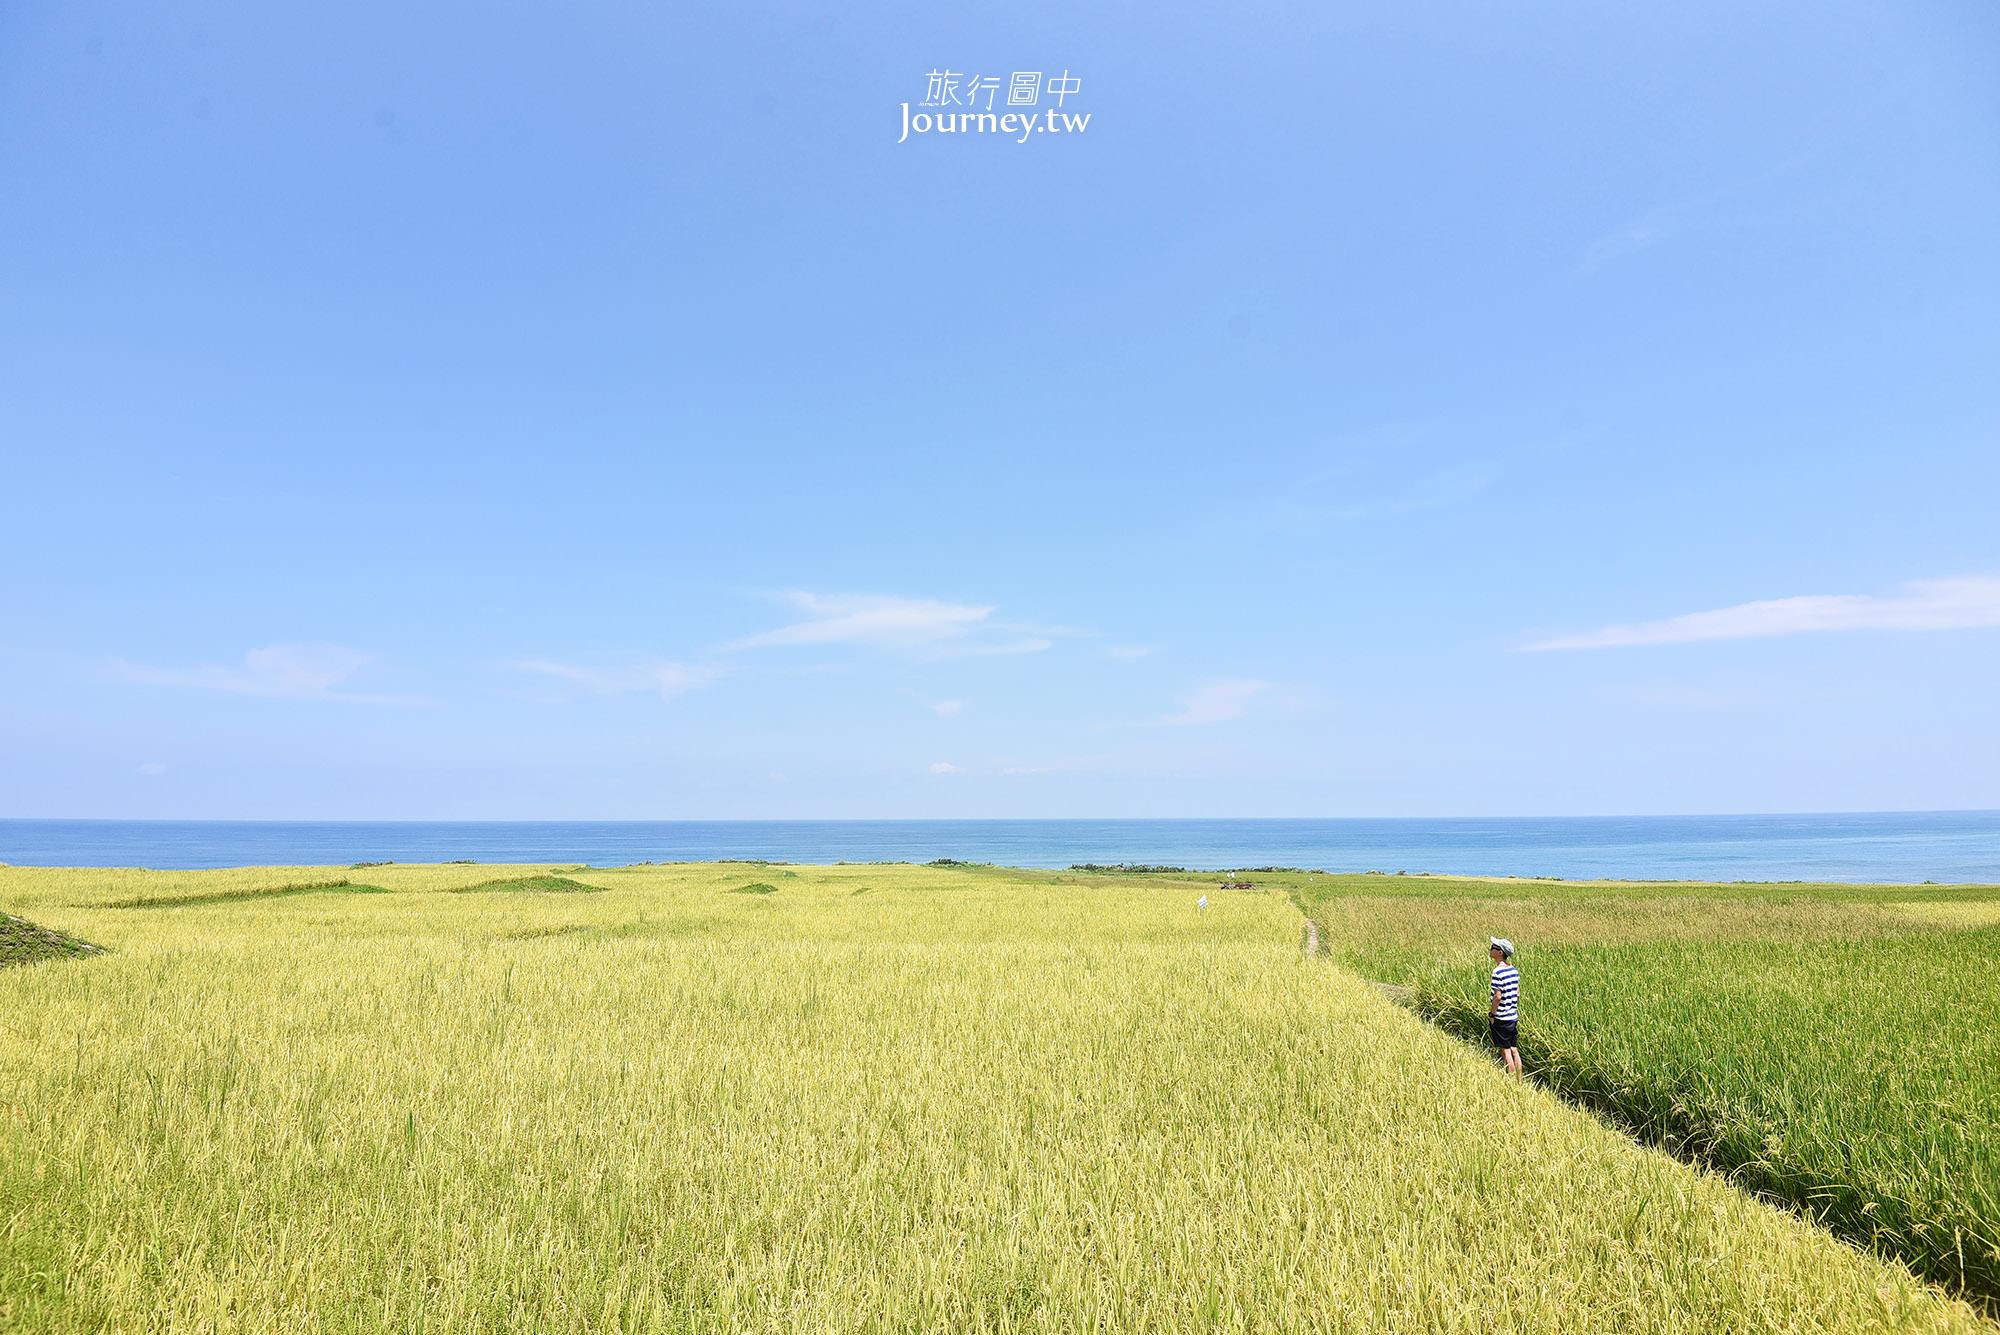 花蓮,豐濱,新社部落,梯田,太平洋